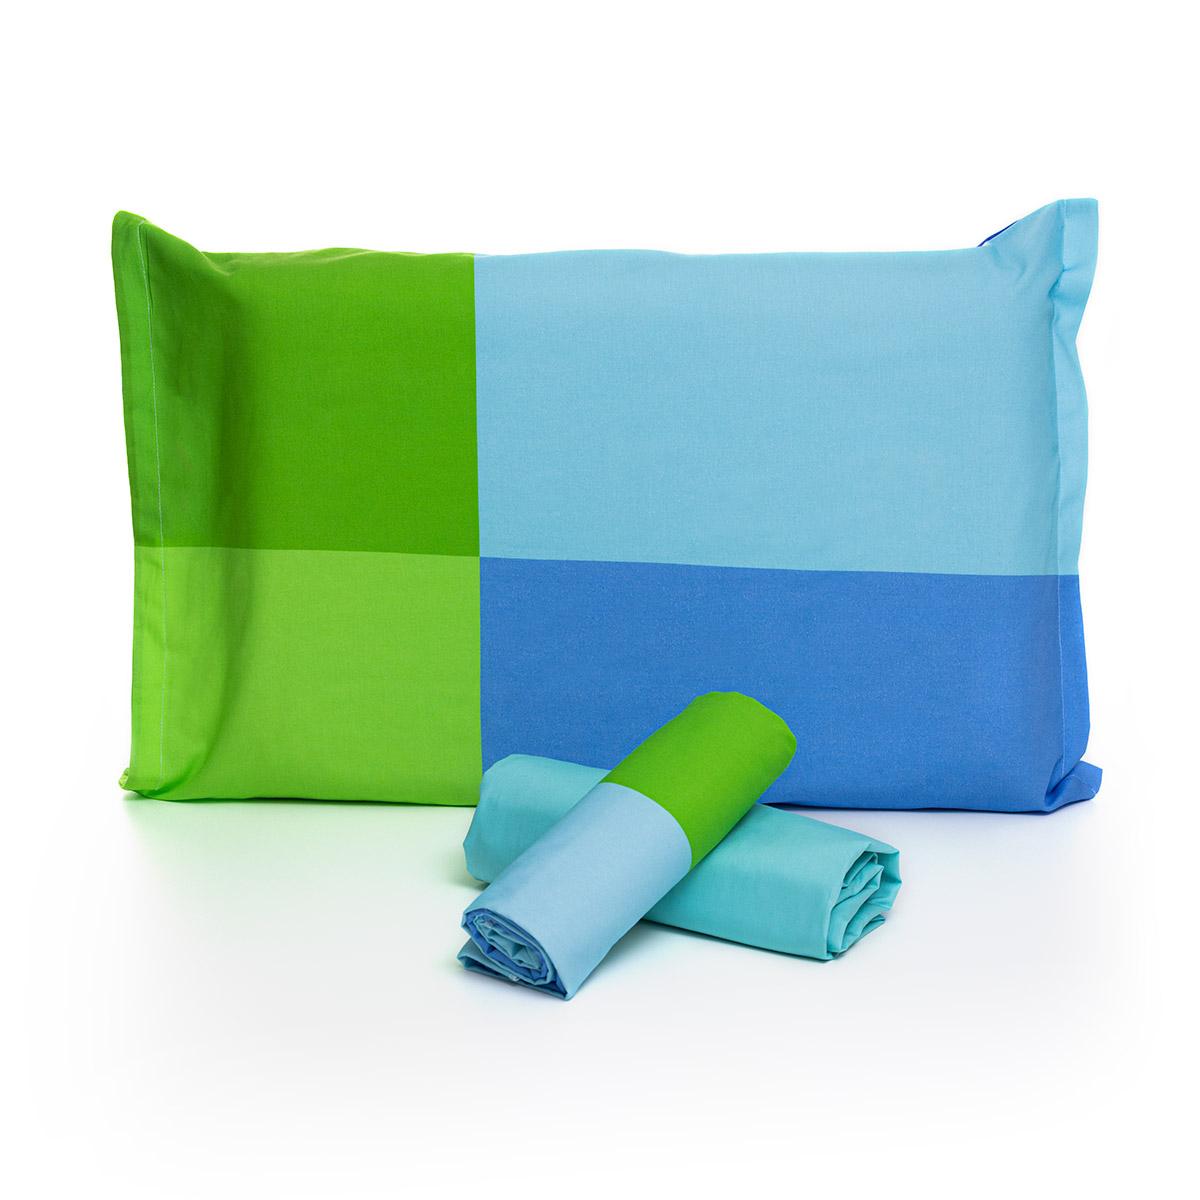 Jogo De Cama Quadrados Azul E Verde Com Lençol De Elástico Turquesa